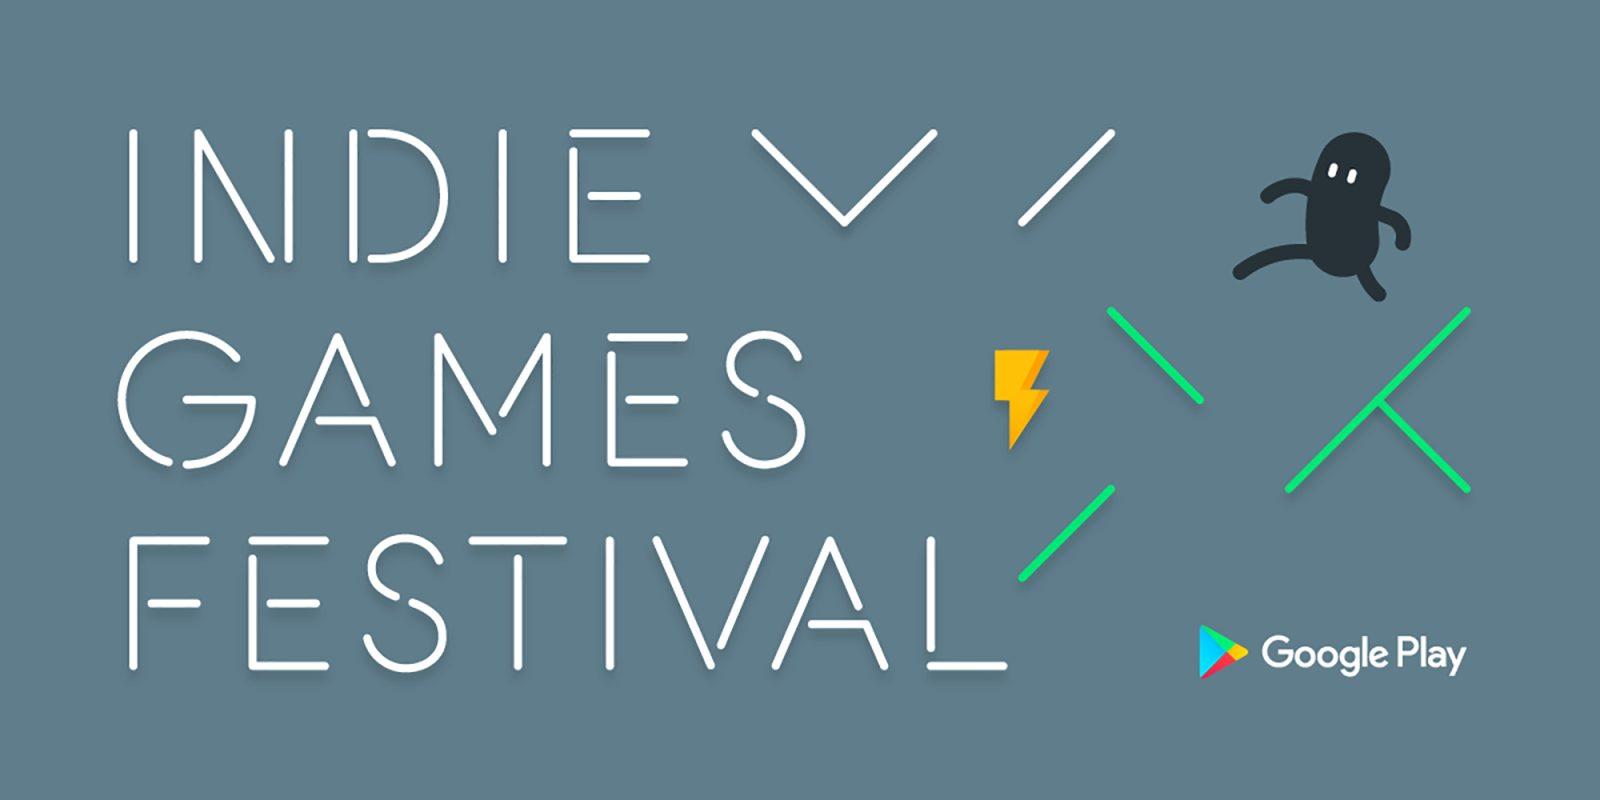 Присоединяйся к фестивалю инди-игр Google Play Indie Games Festival